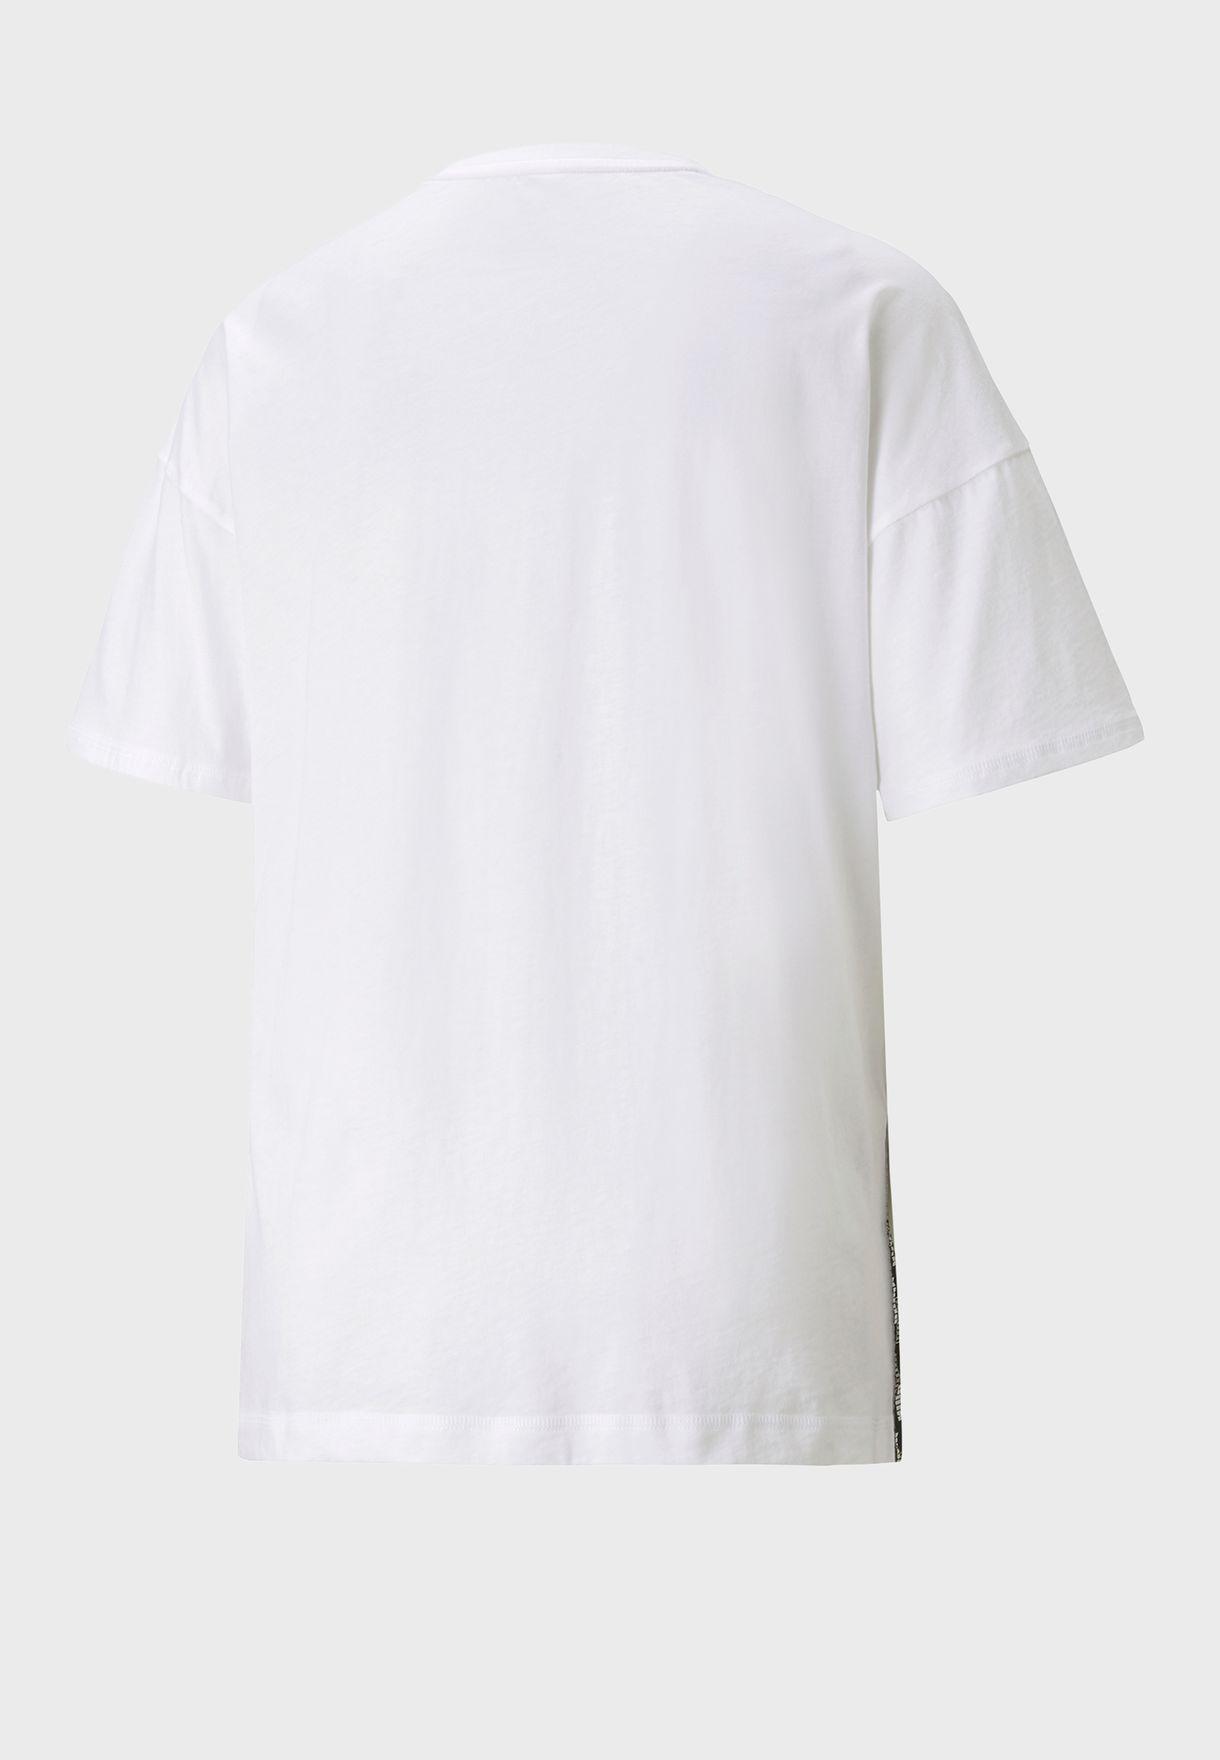 Power Elongated T-Shirt